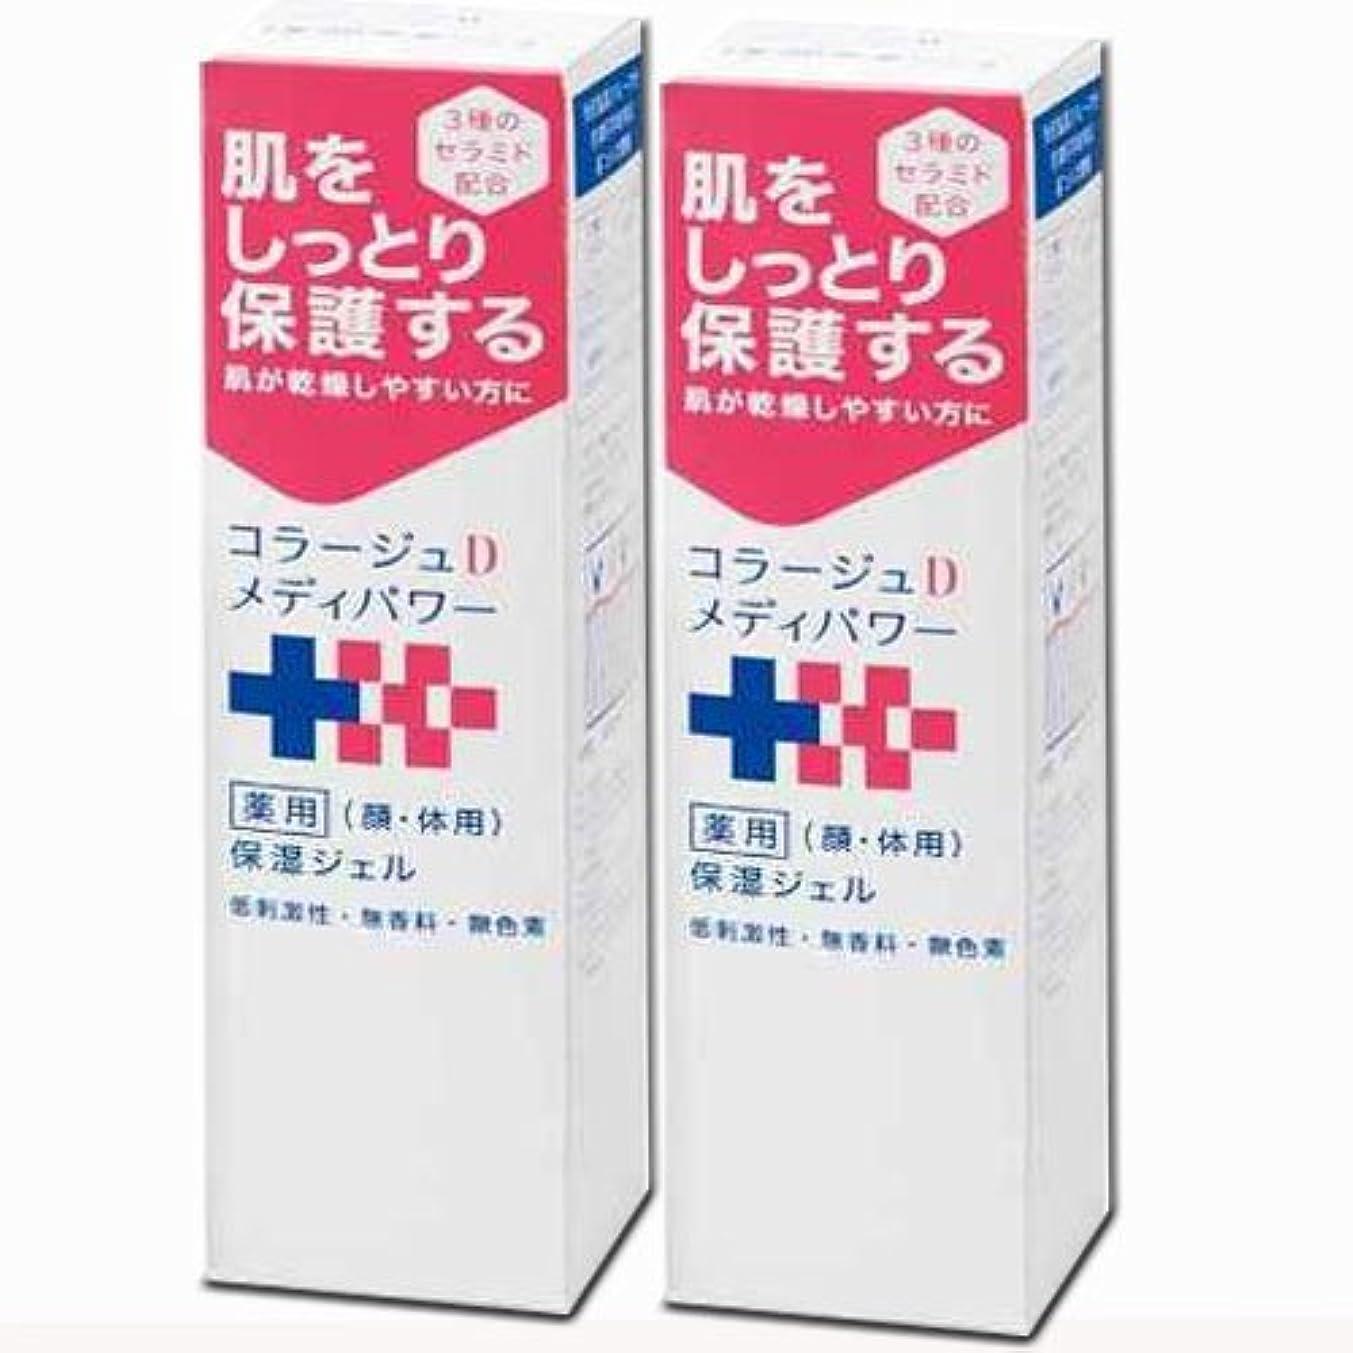 厚さ原油批判的に【2個】持田製薬コラージュDメディパワー保湿ジェル 150ml×2個 (4987767650012-2)